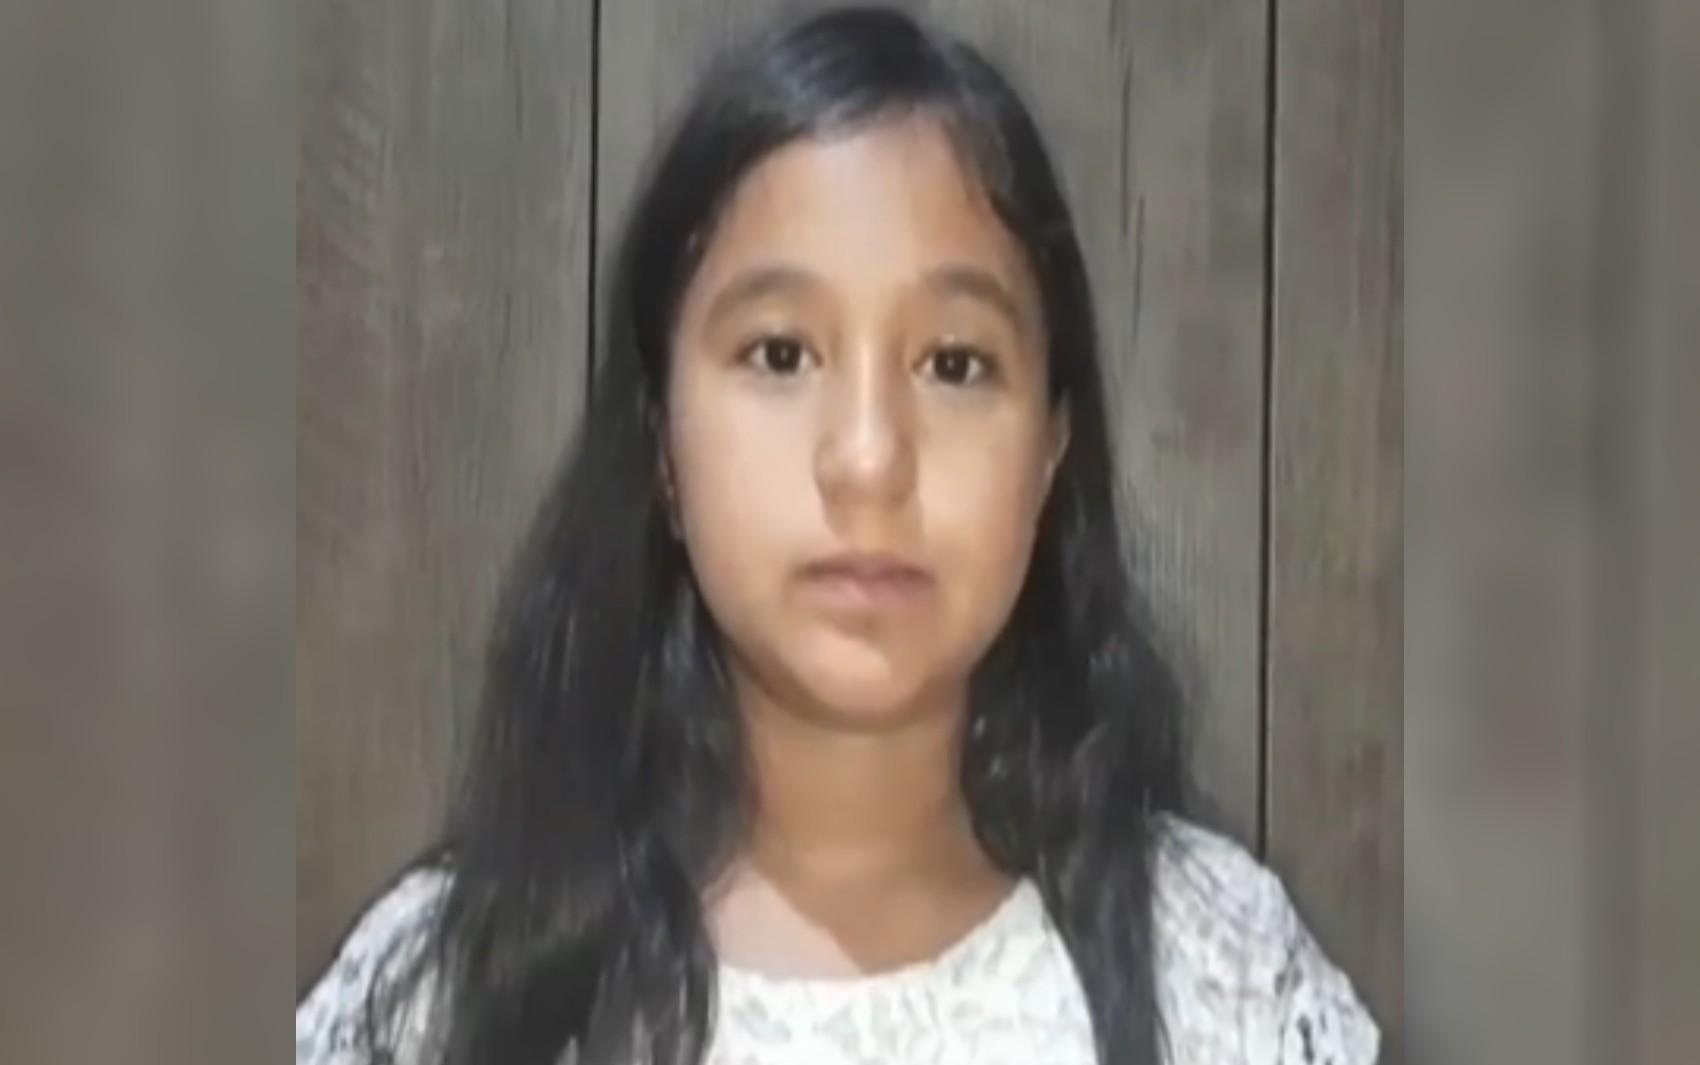 Menina de 10 anos diz que estava brincando quando viu homem sumir após entrar em rio e ficou preocupada: 'Chamei minha tia'